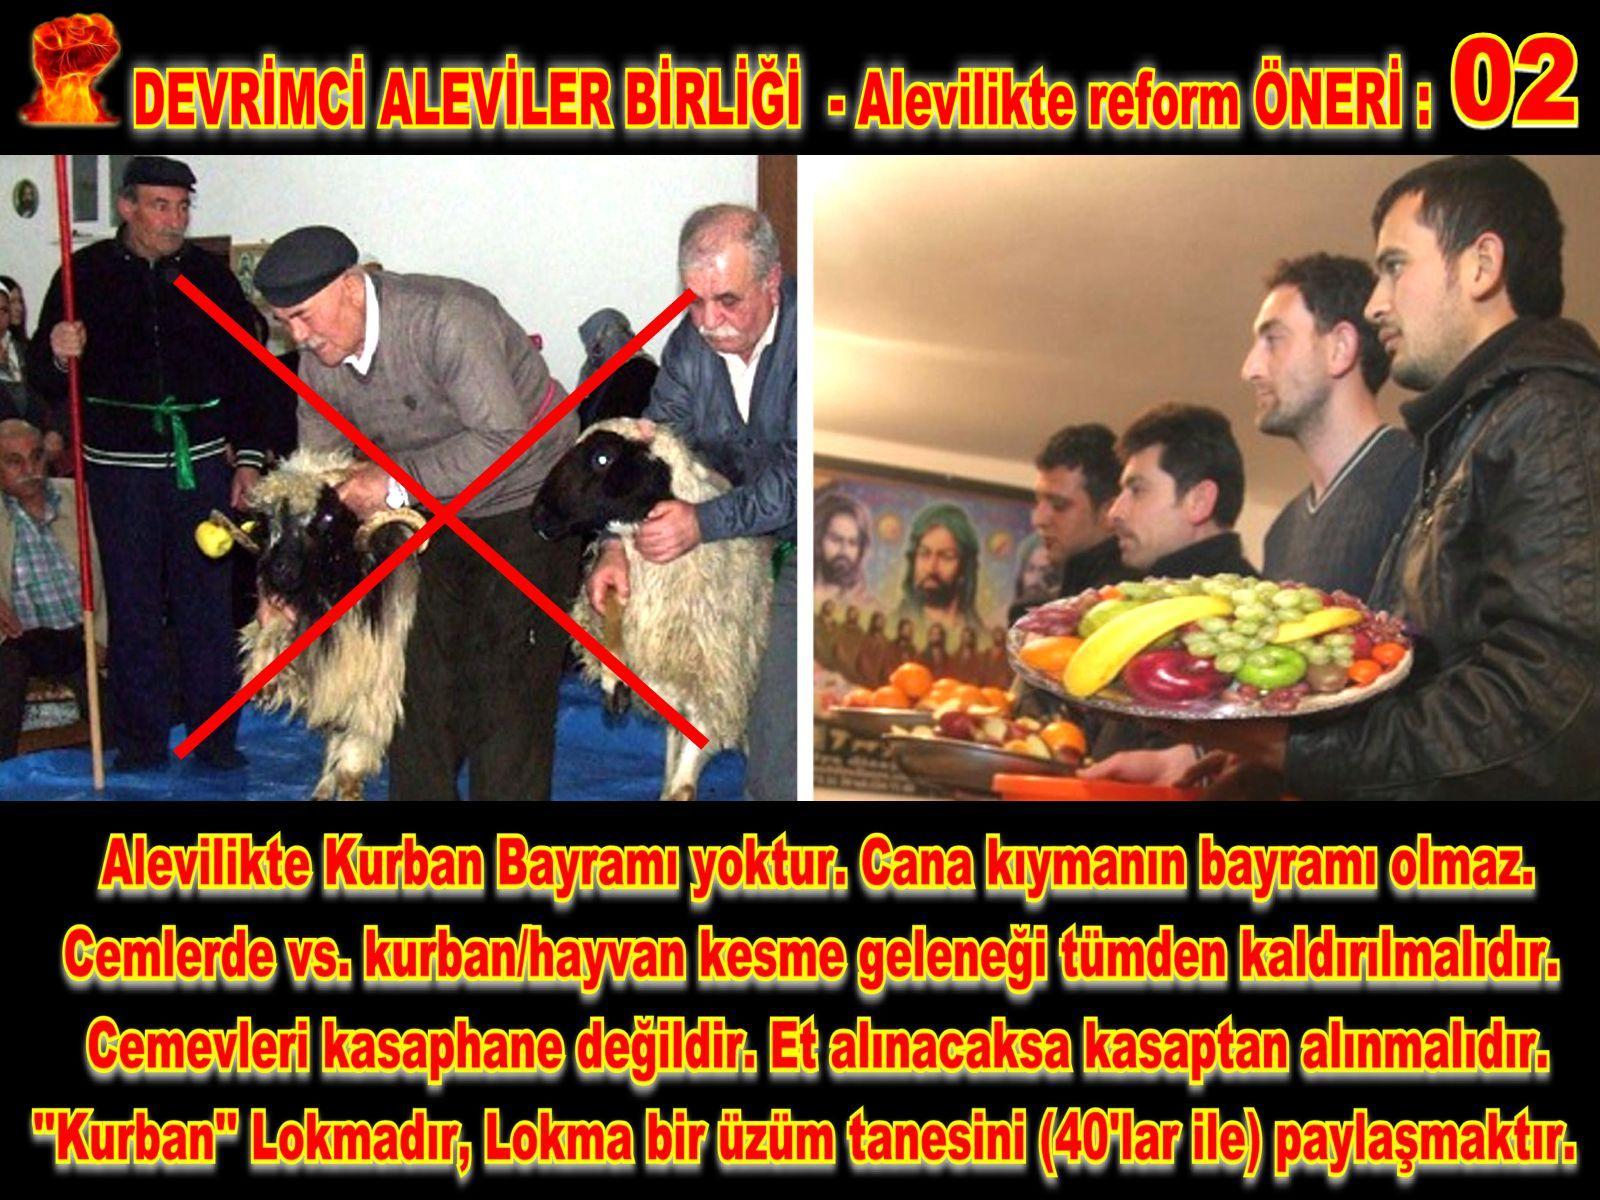 Devrimci Aleviler Birliği DAB Alevi Kızılbaş Bektaşi pir sultan cem hz Ali 12 imam semah Feramuz Şah Acar REFOM oneri2